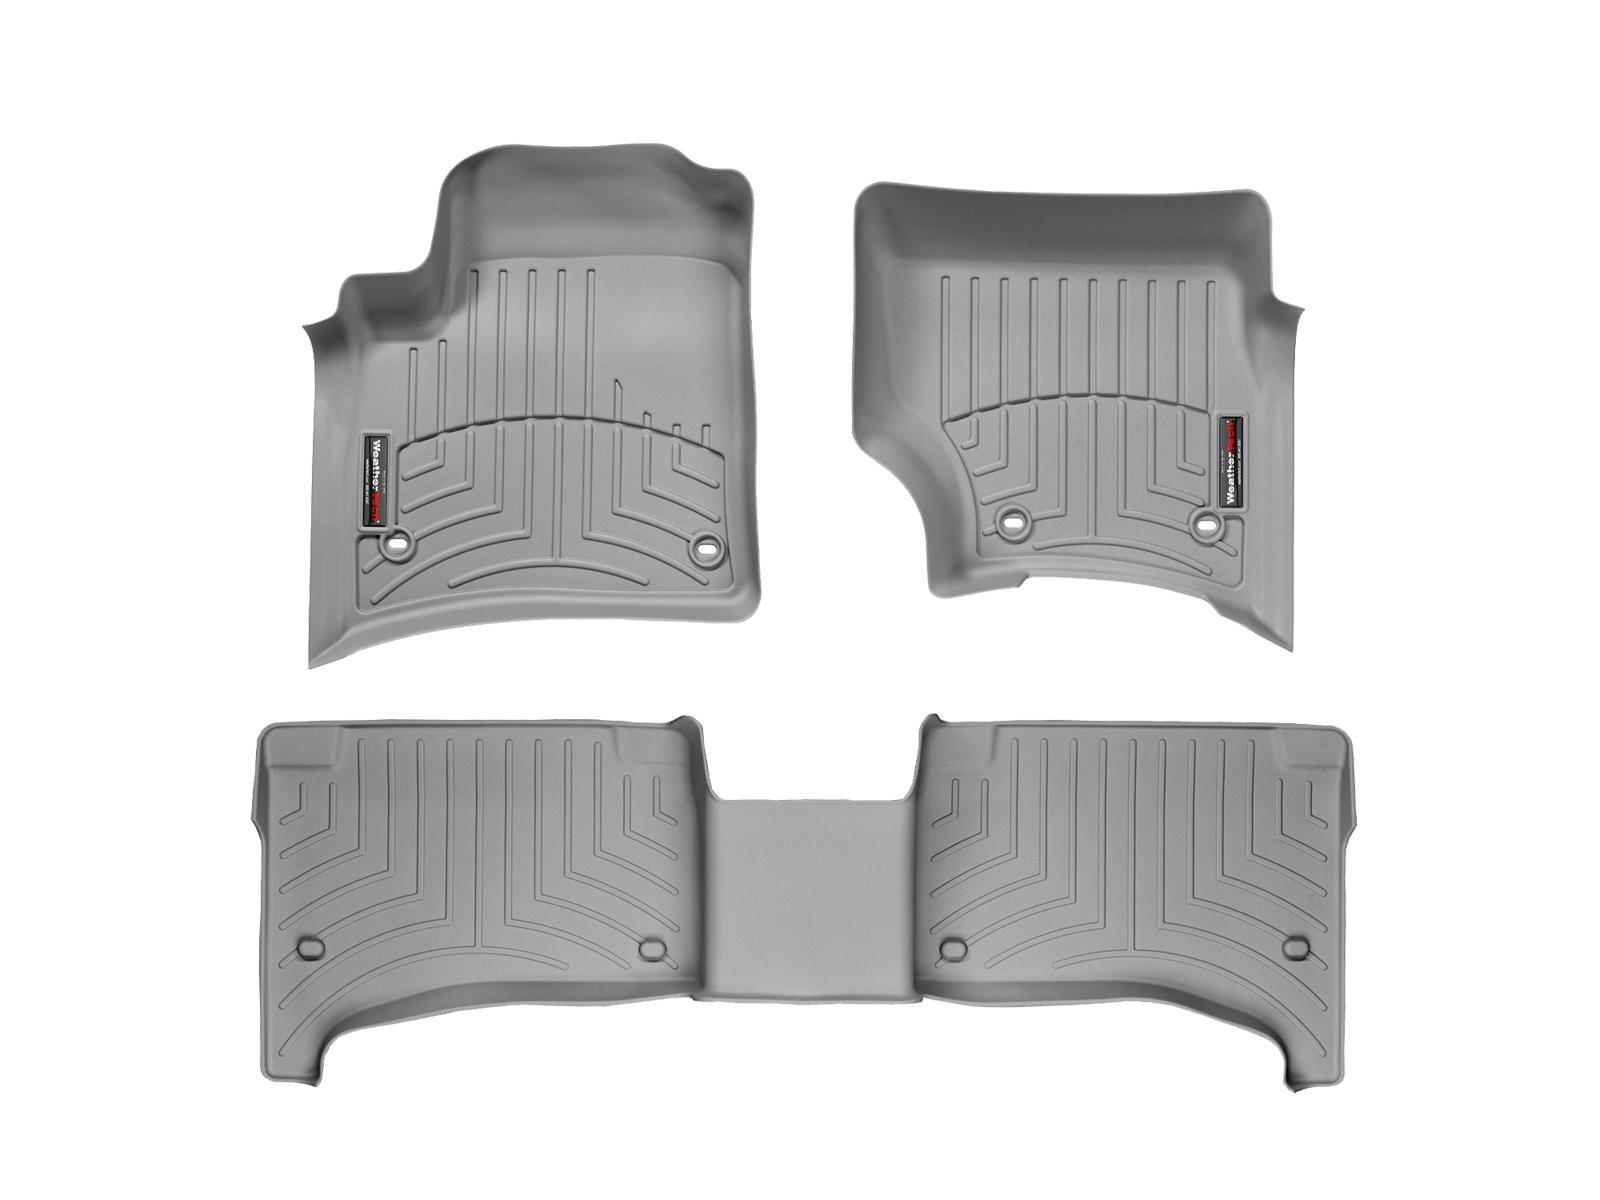 Tappeti gomma su misura bordo alto Volkswagen Touareg 02>06 Grigio A4278*